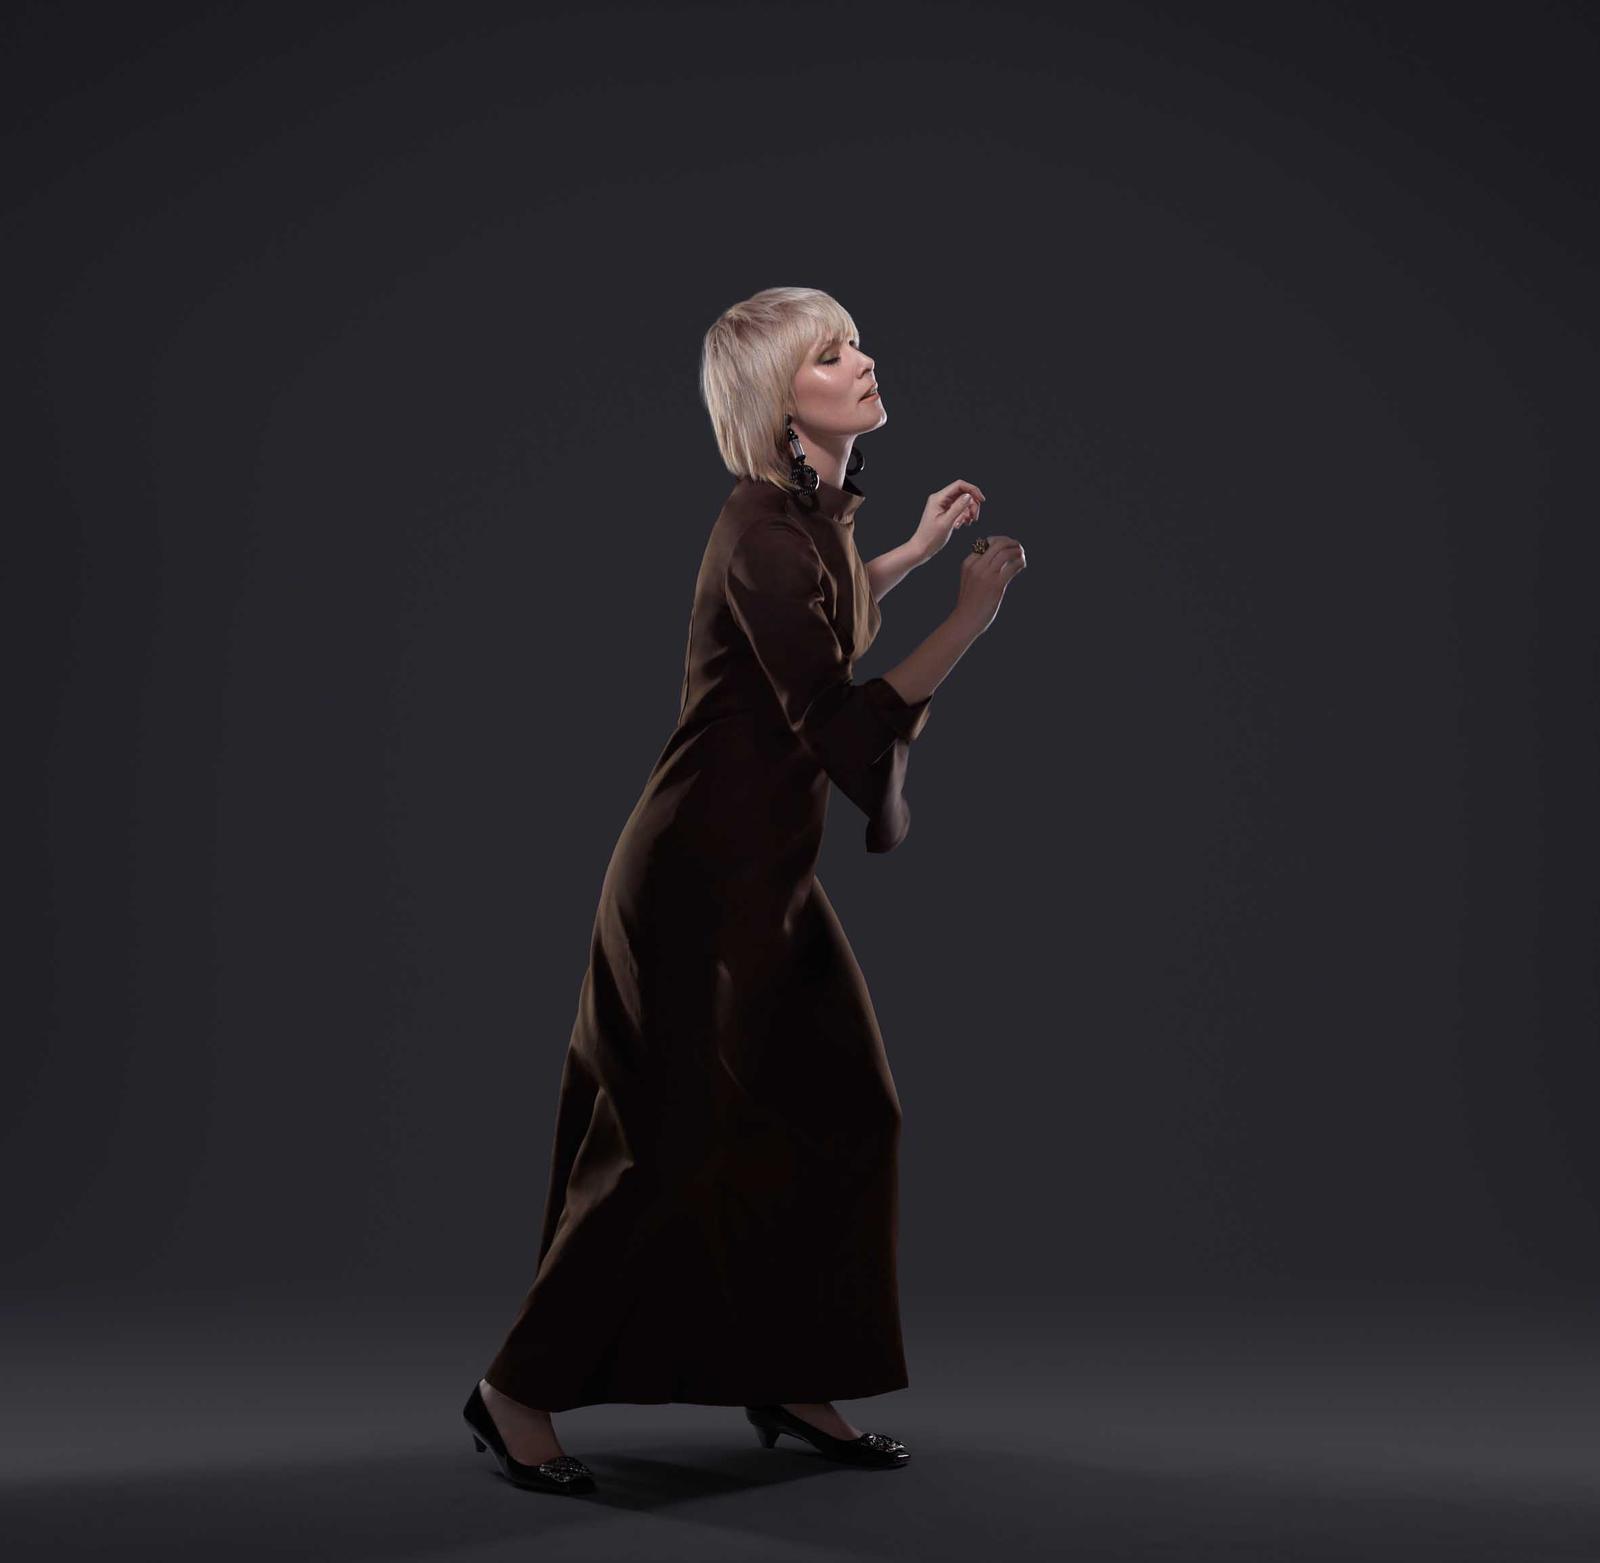 Roisin Murphy dance